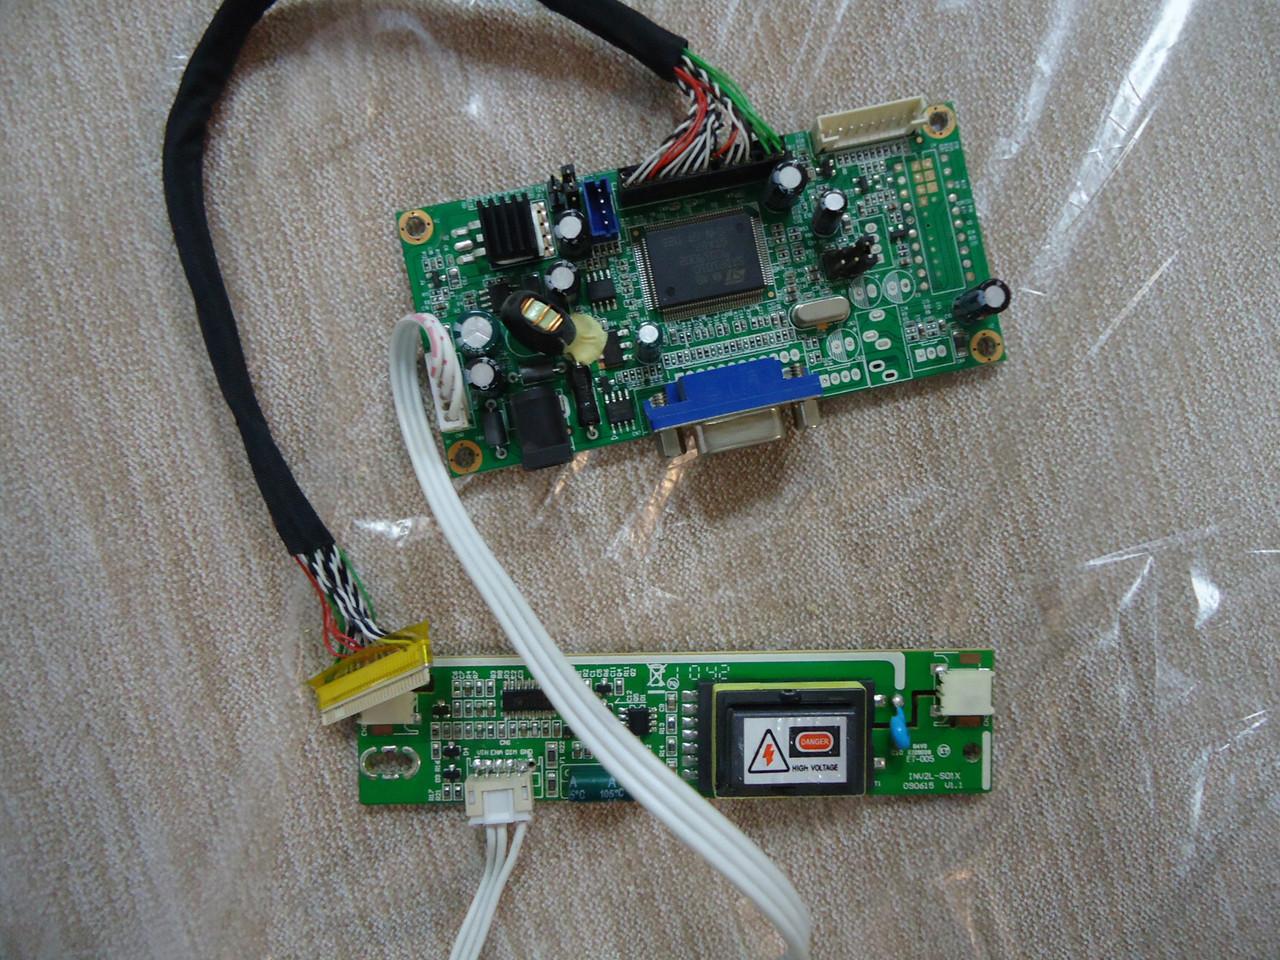 Комплект плат для ЖК монитора (материнская плата Ac204545 2621, инвертор INV2L-S01X и кабель 30 пин LVDS)